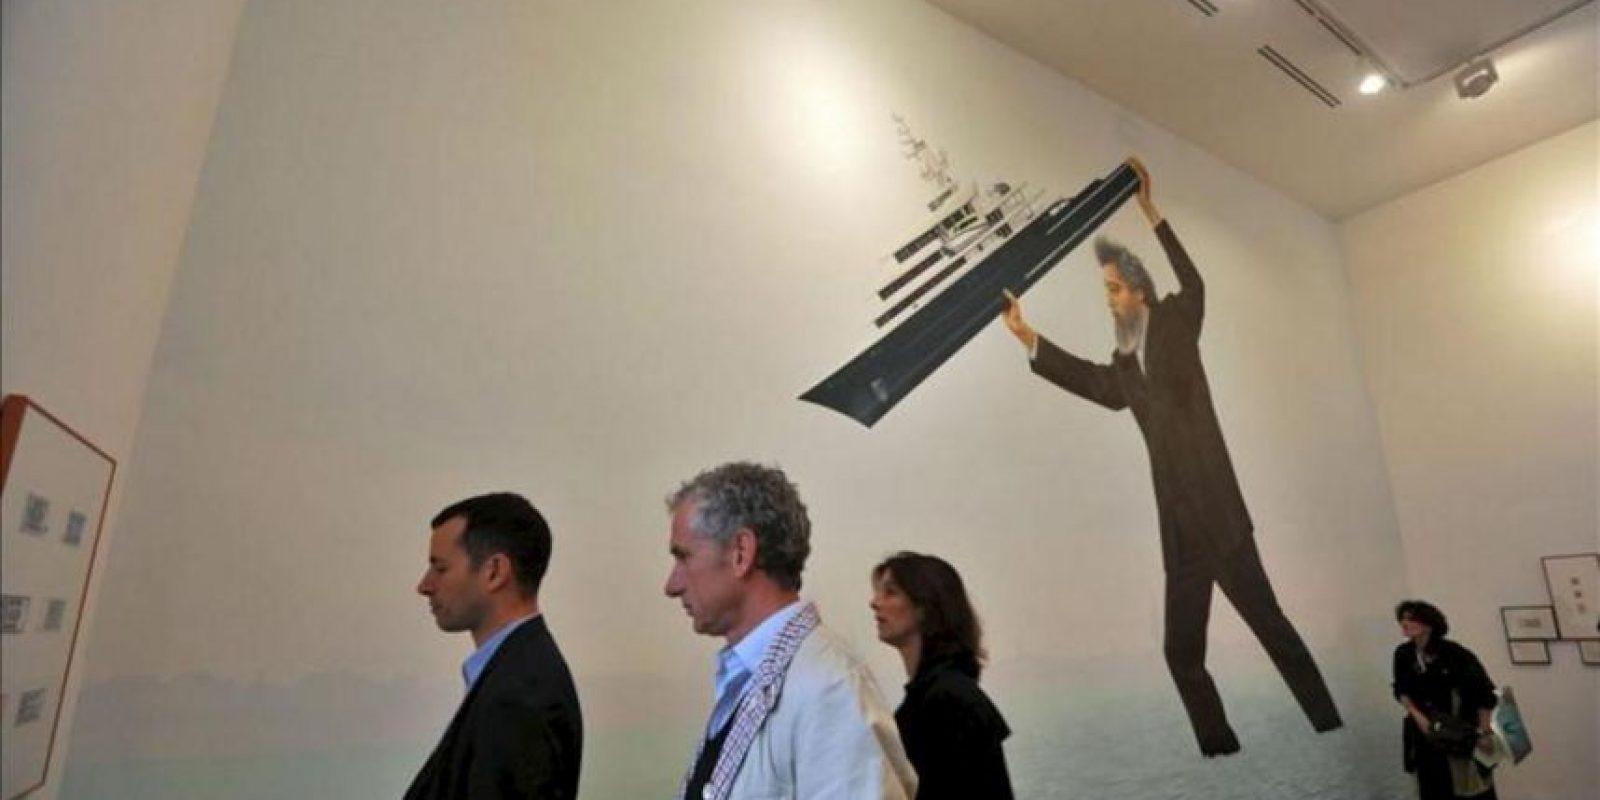 Varias personas disfrutan de la obra 'English Magic' obra del artista británico Jeremy Deller durante la 55ª edición de la Bienal de Venecia, Italia hoy 29 de mayo de 2013. La Bienal de Venecia se celebra del 1 de junio al 24 de noviembre. EFE